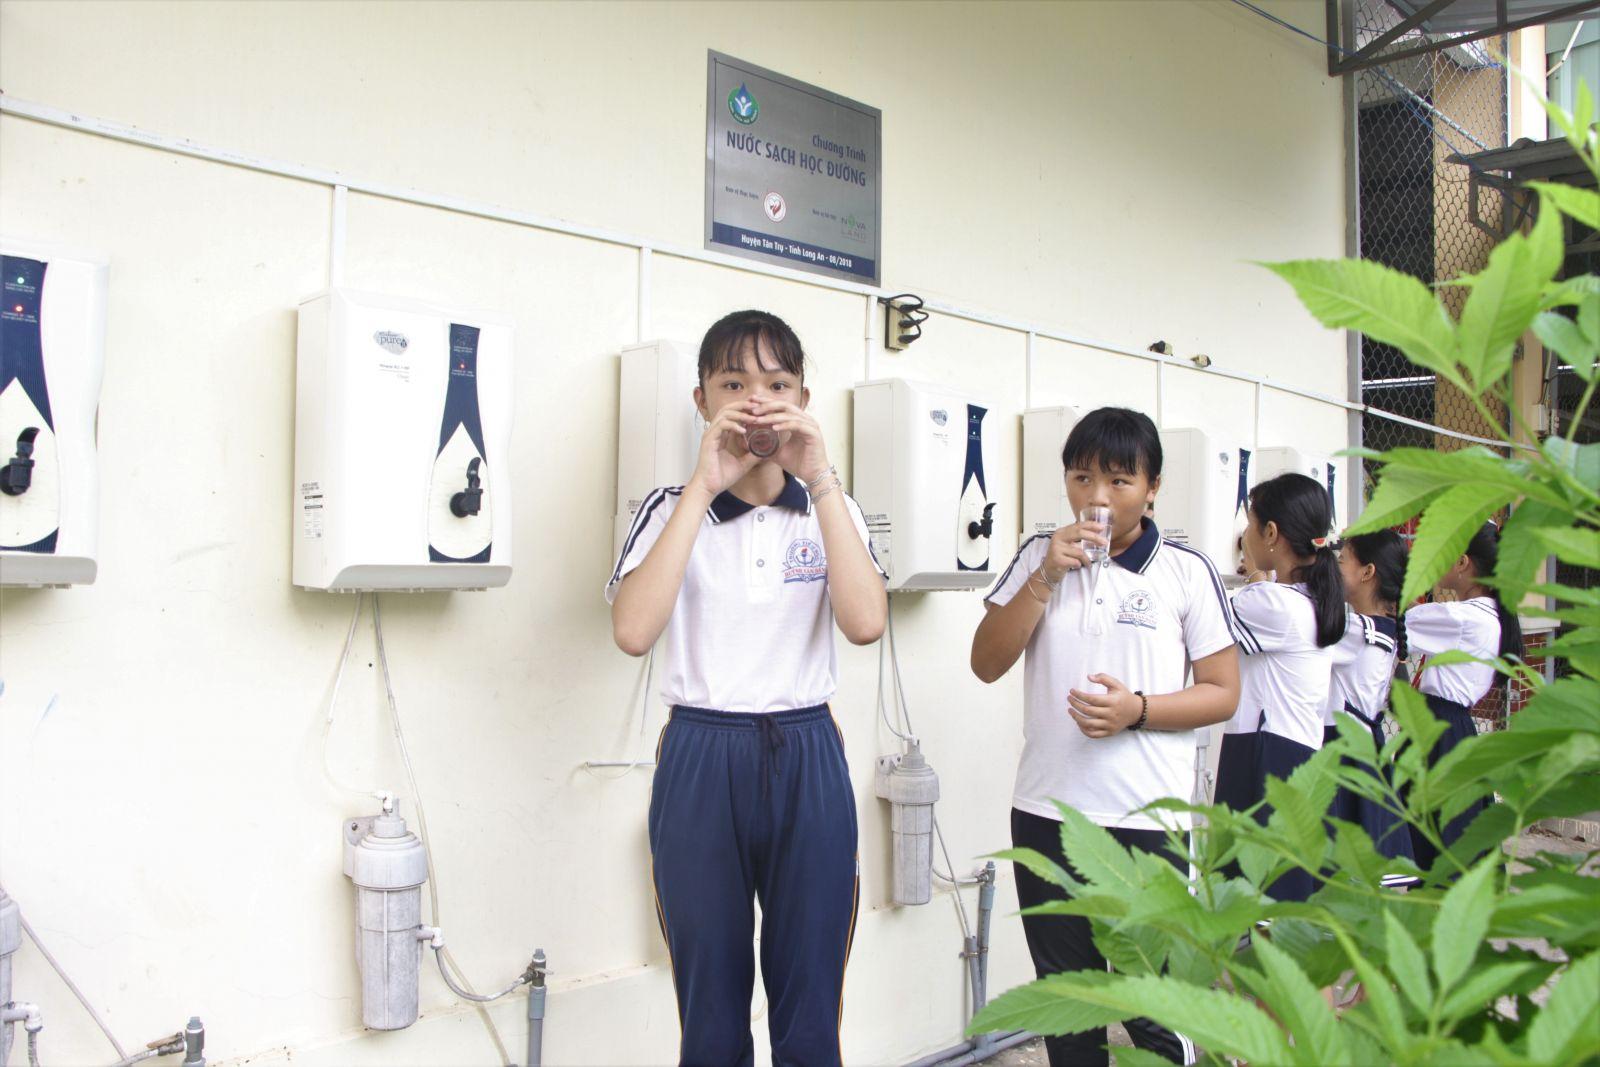 Hiệu quả của chương trình Nước sạch học đường rất dễ nhìn thấy. Học sinh các trường có điều kiện uống nước sạch bảo đảm chất lượng và nhà trường giảm bớt chi phí mua nước cho học sinh